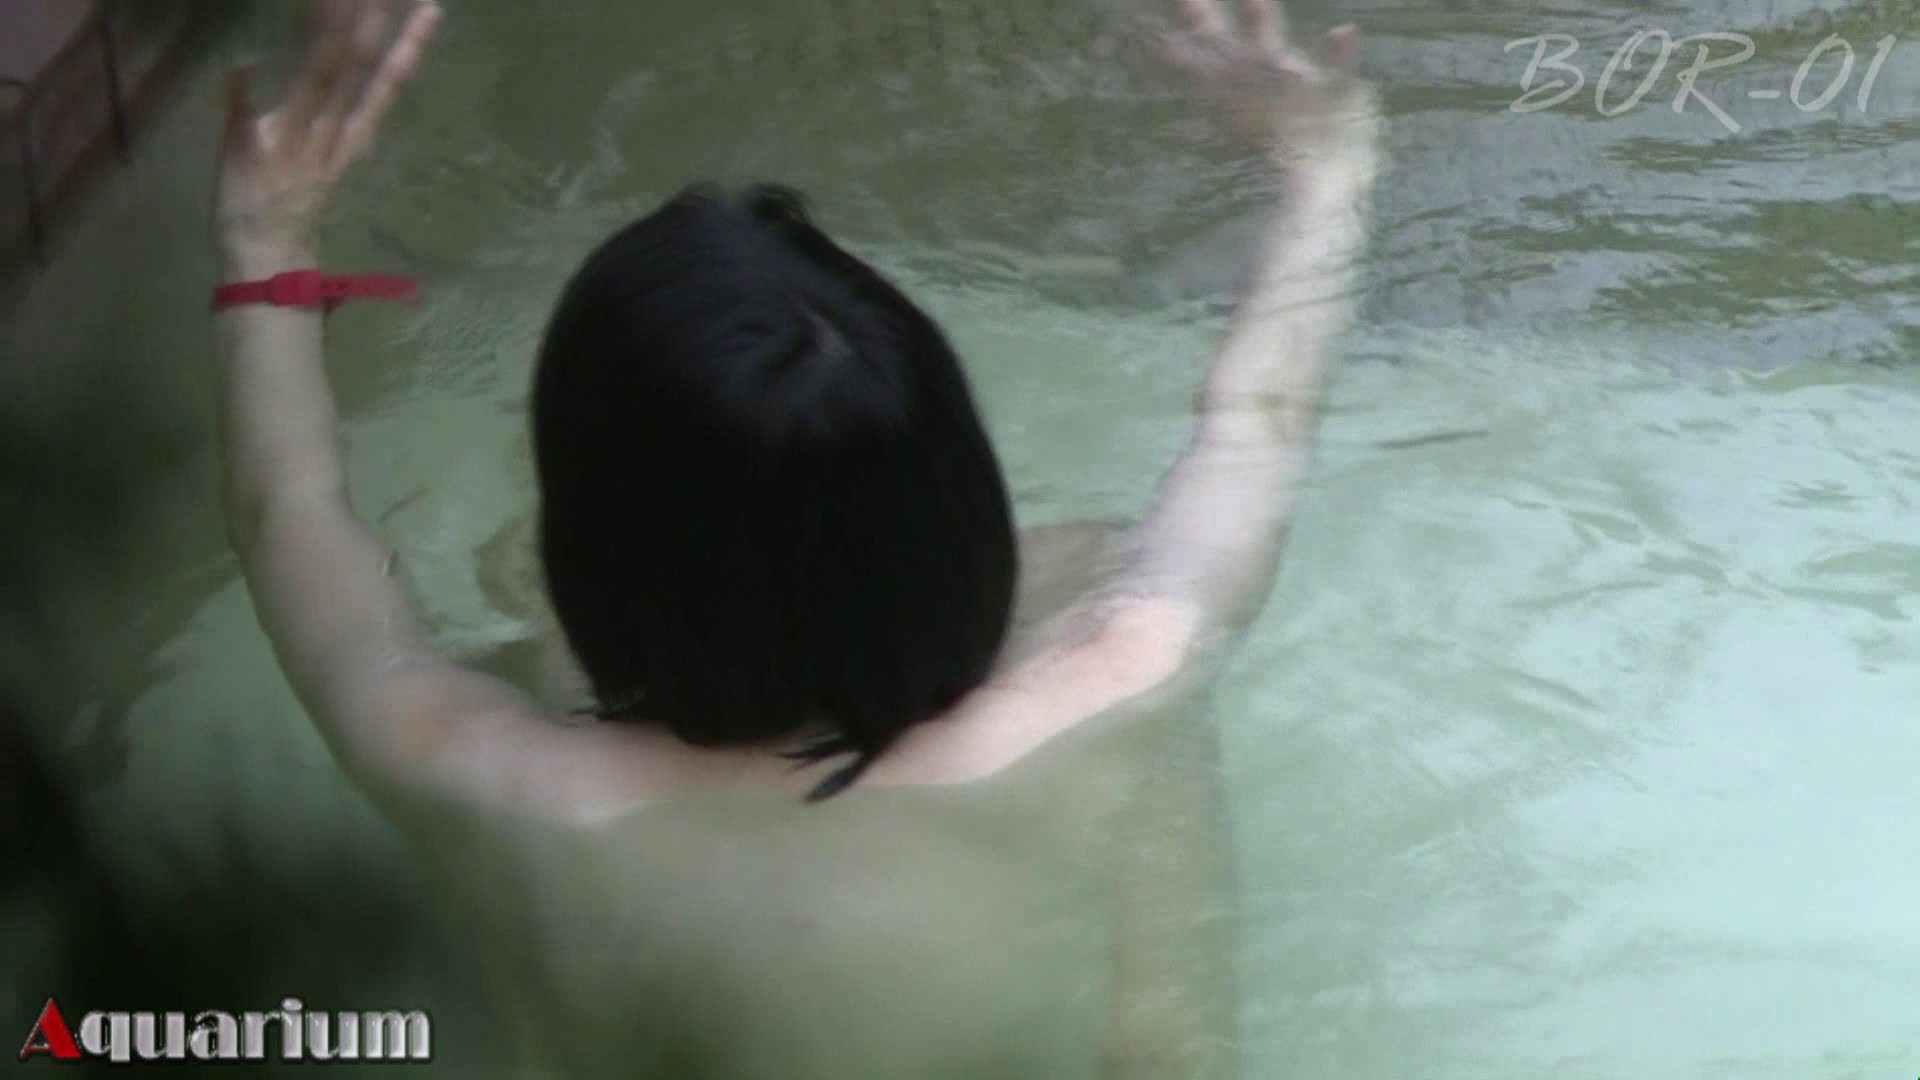 Aquaな露天風呂Vol.466 OLエロ画像  93PICs 48